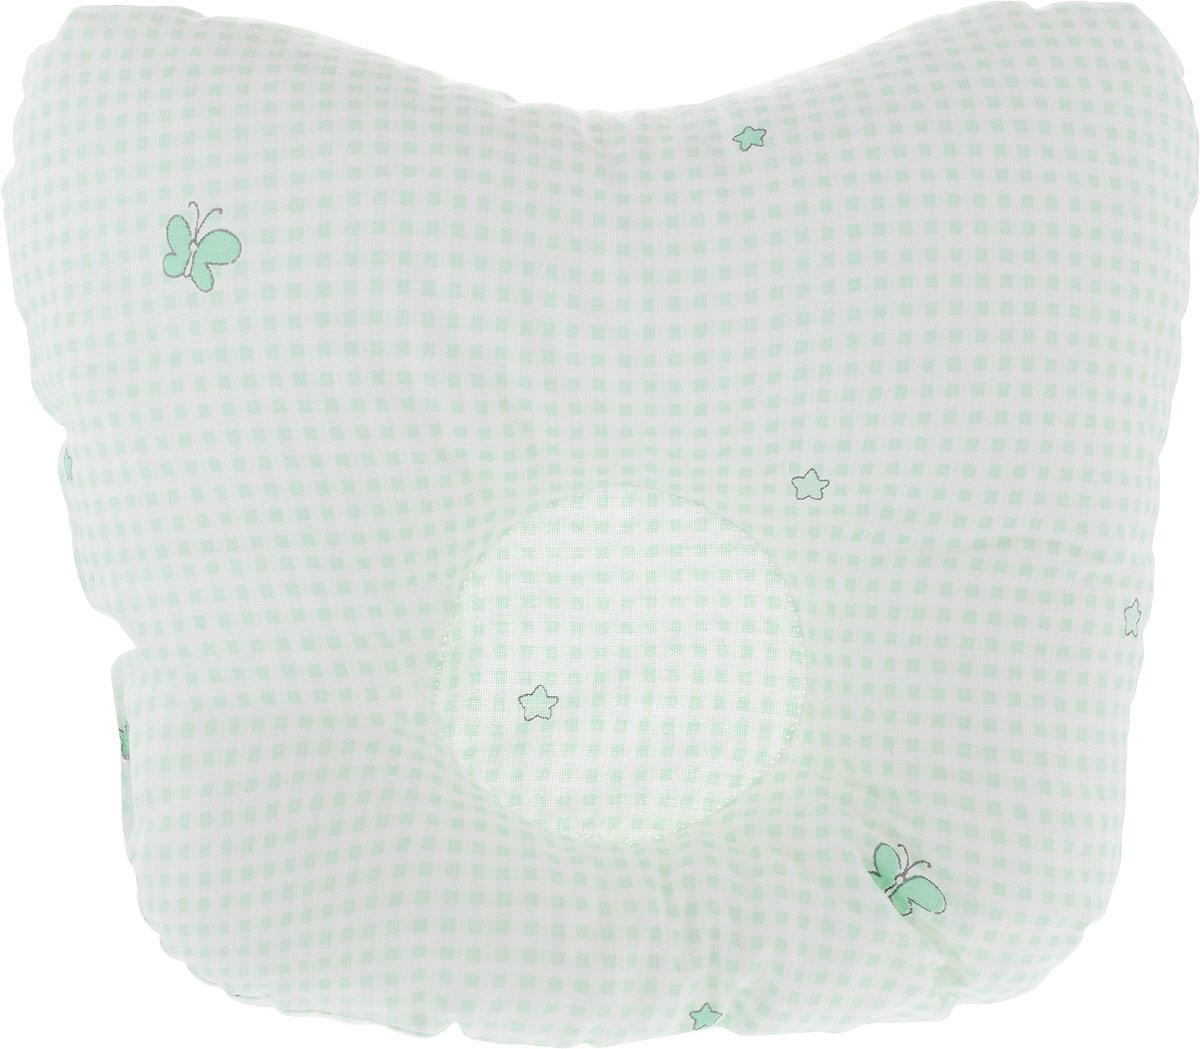 Сонный гномик Подушка анатомическая для младенцев 27 х 27 см -  Детский текстиль